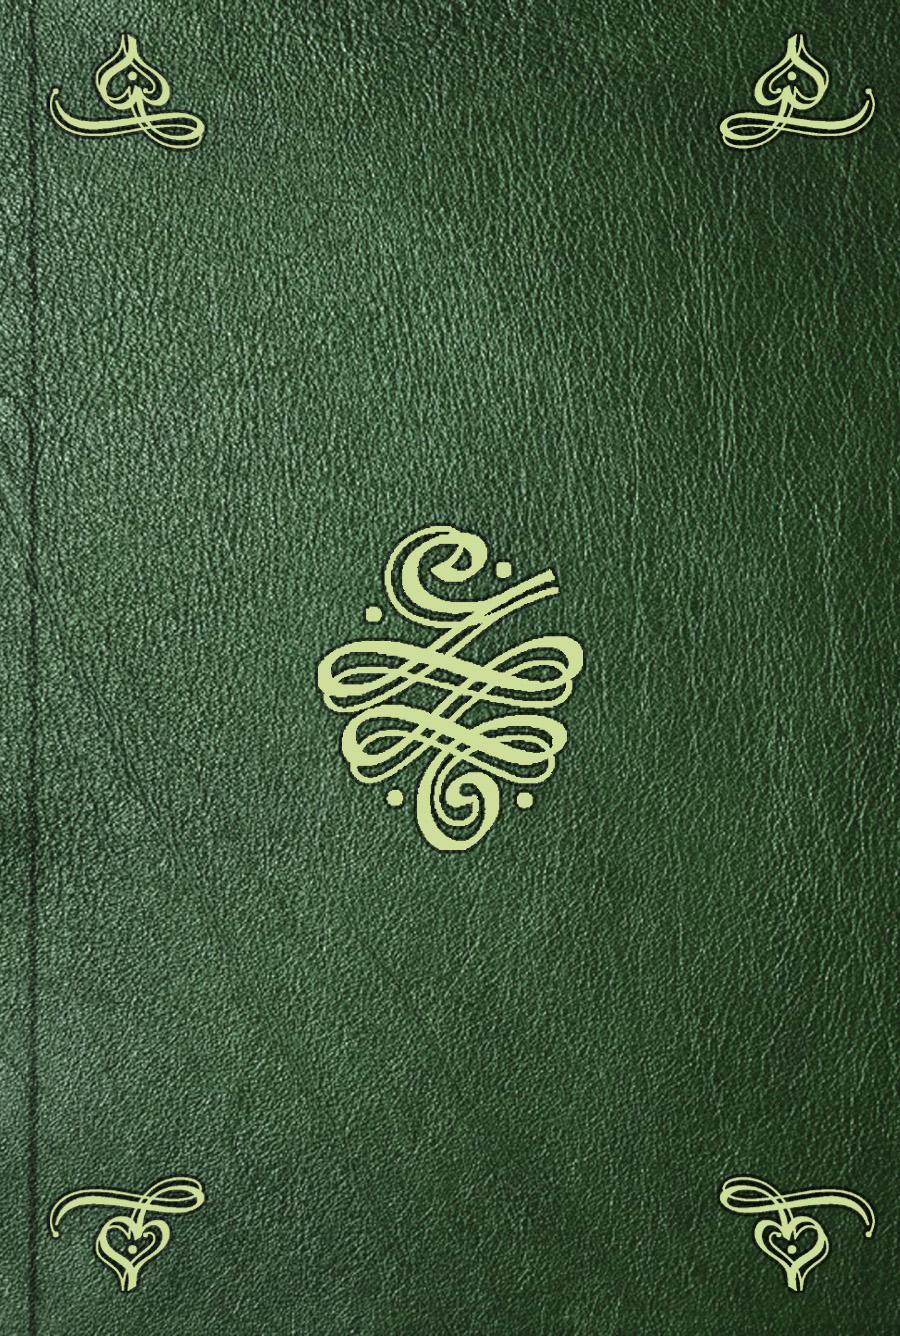 Robert Le Suire Le crime ou lettres originales, contenant les aventures de Cesar de Perlencour. T. 2